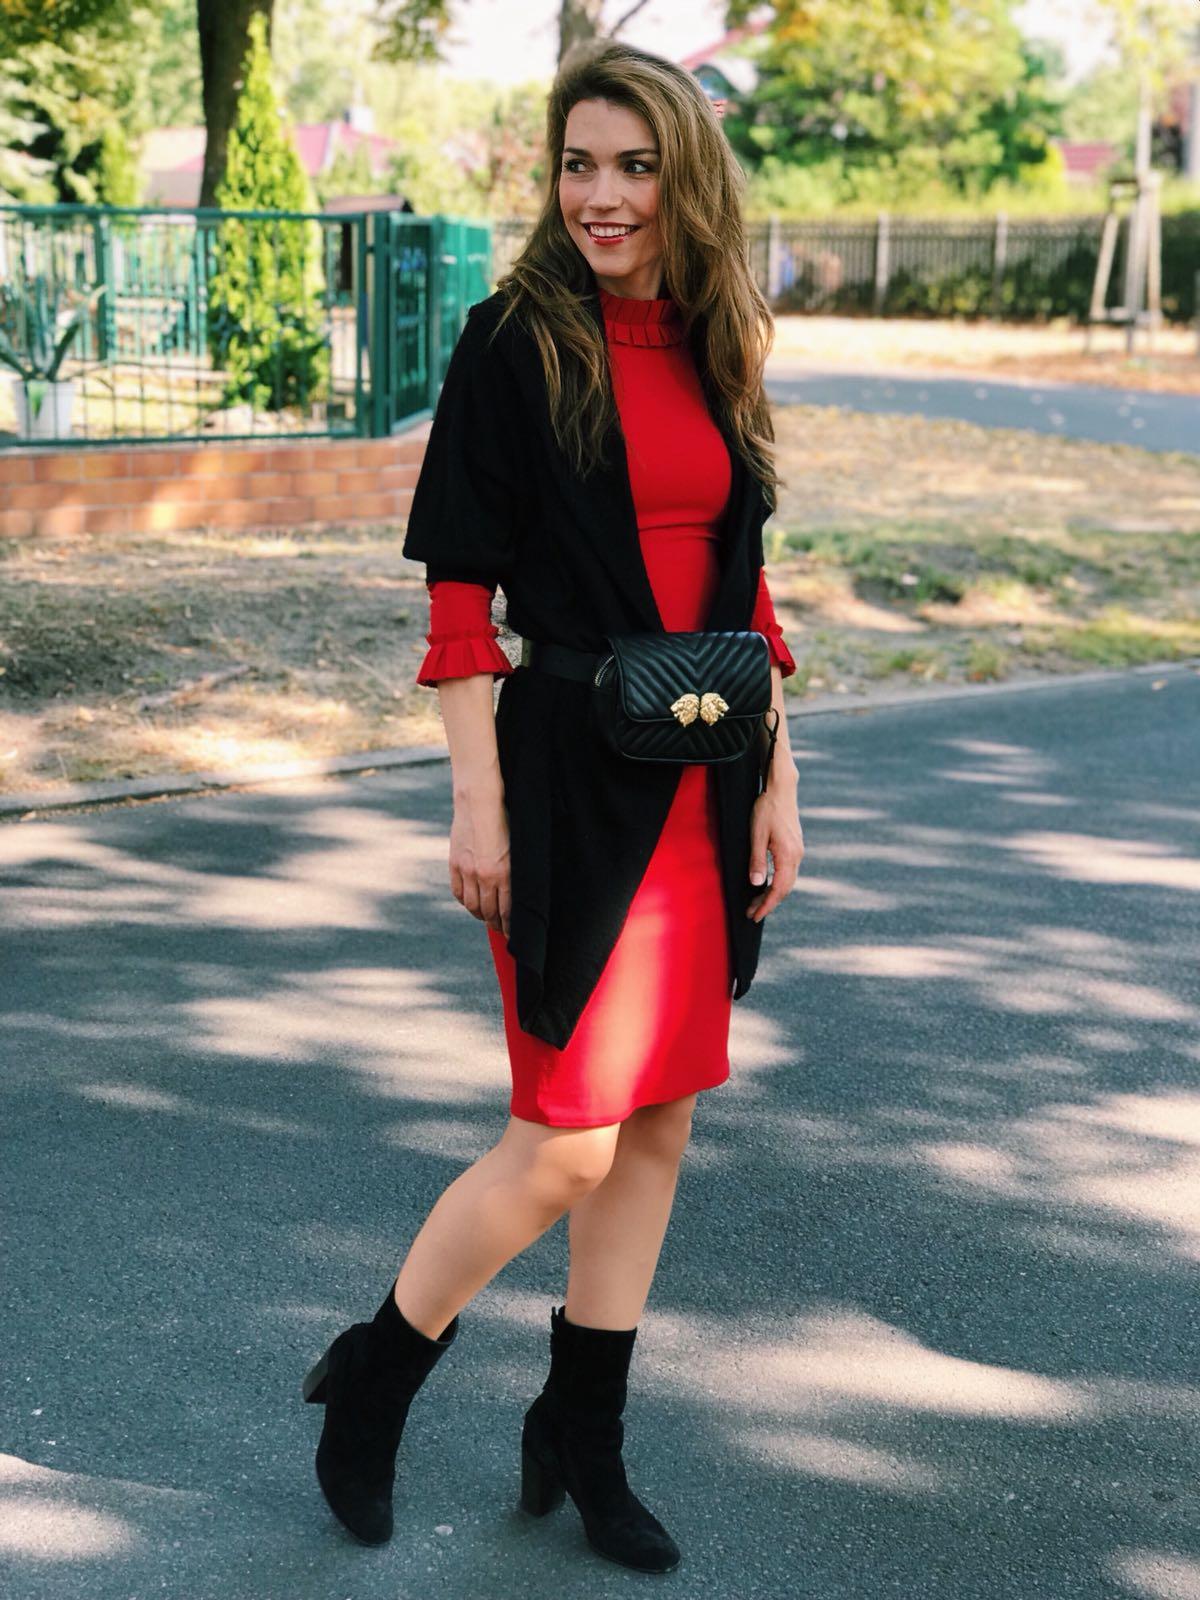 AMCO Fashion by Annett Möller | City Goddess | Kleid mit raffiniertem Kragen | Rot | Kleid mit seitlichem Band zum Binden